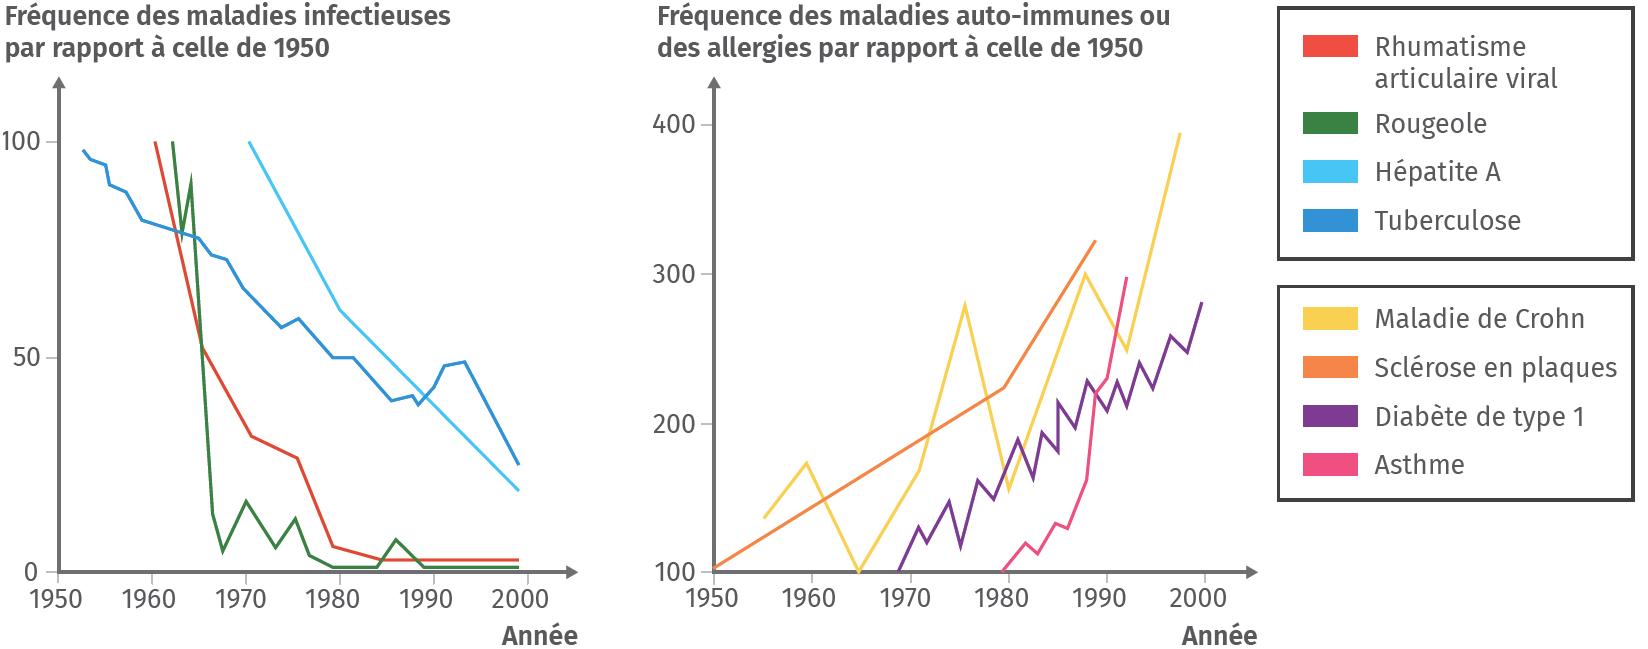 Fréquence des maladies infectieuses et auto-immunes ou des allergies entre 1950 et 2000